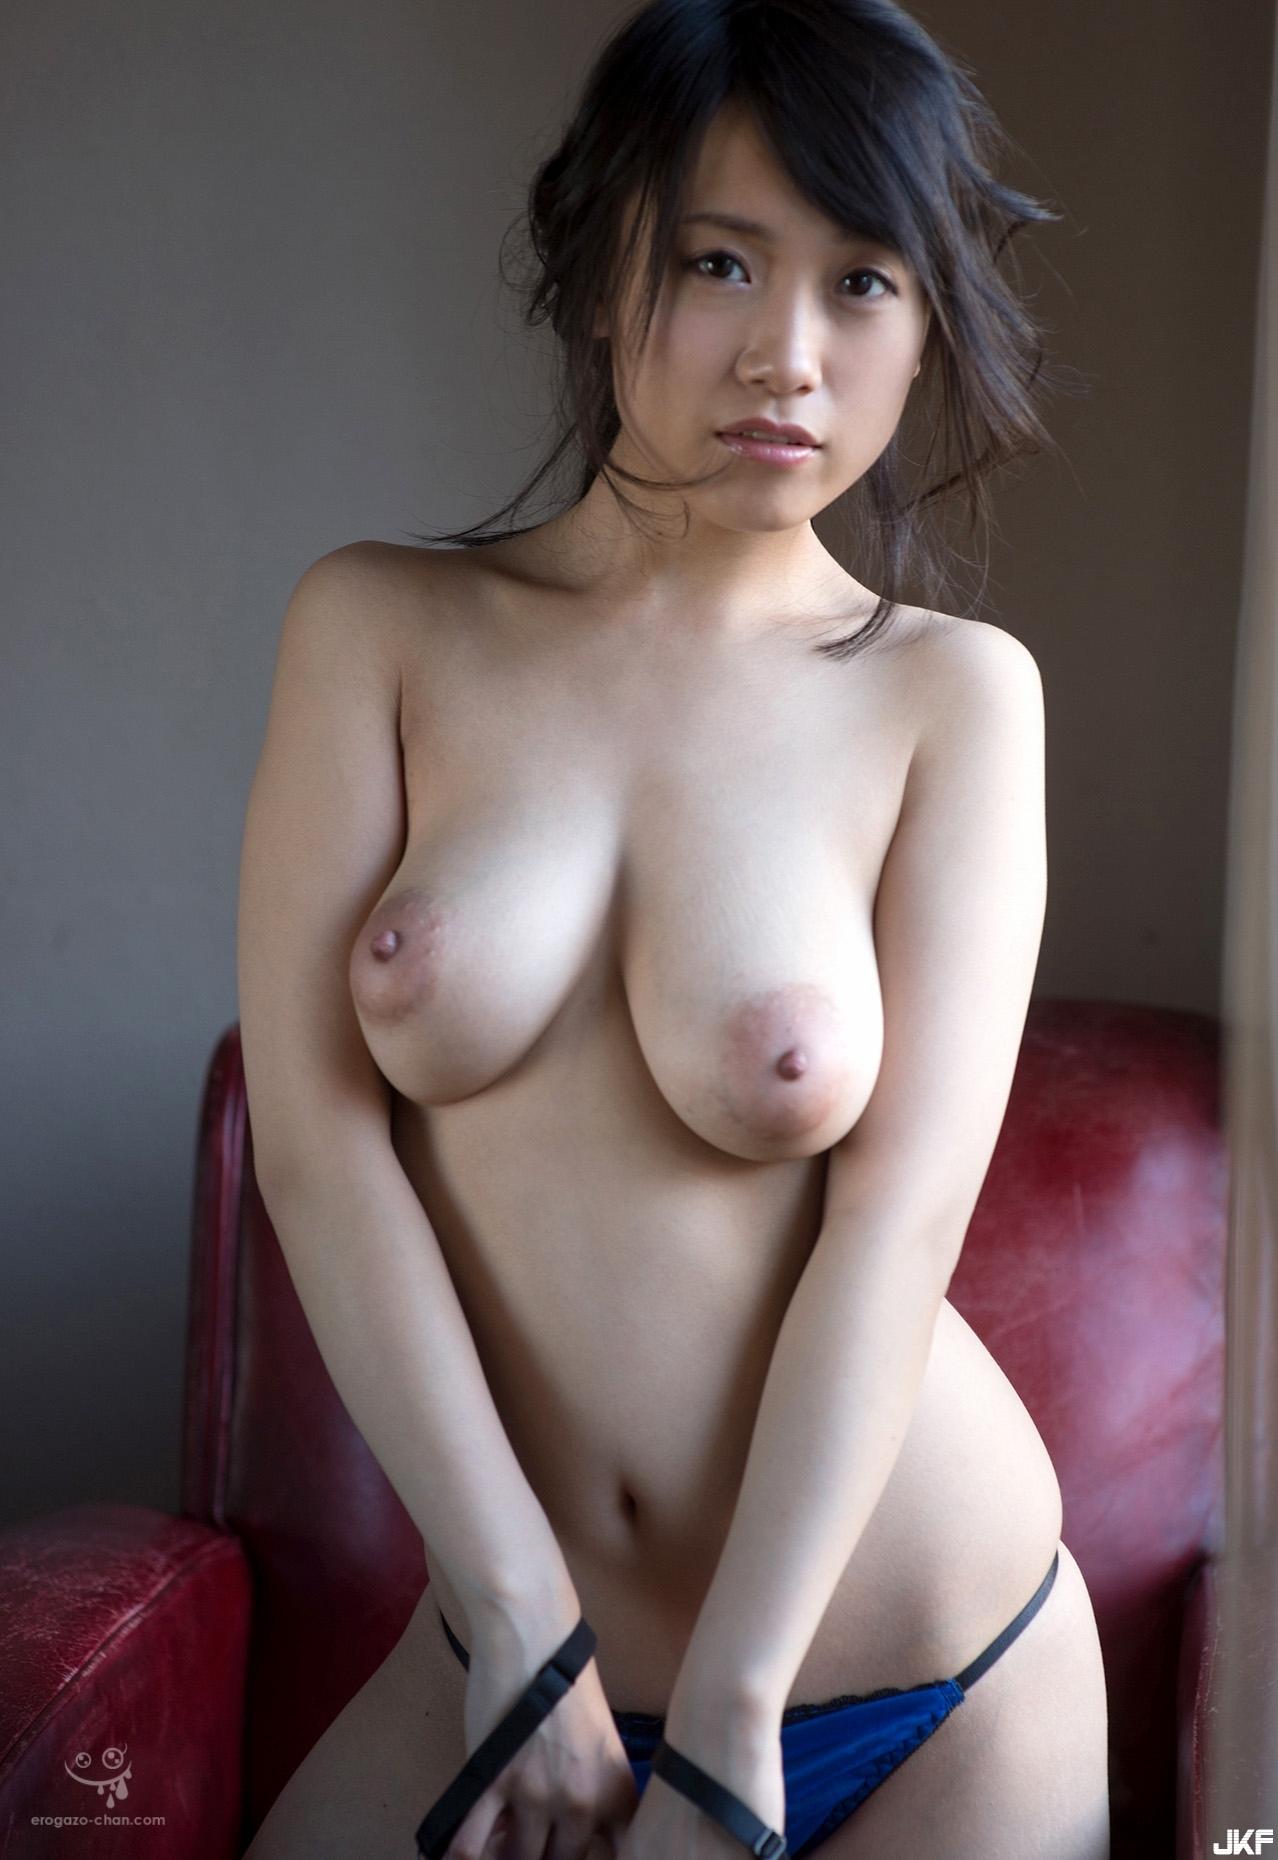 nagase_mami_1052-092.jpg